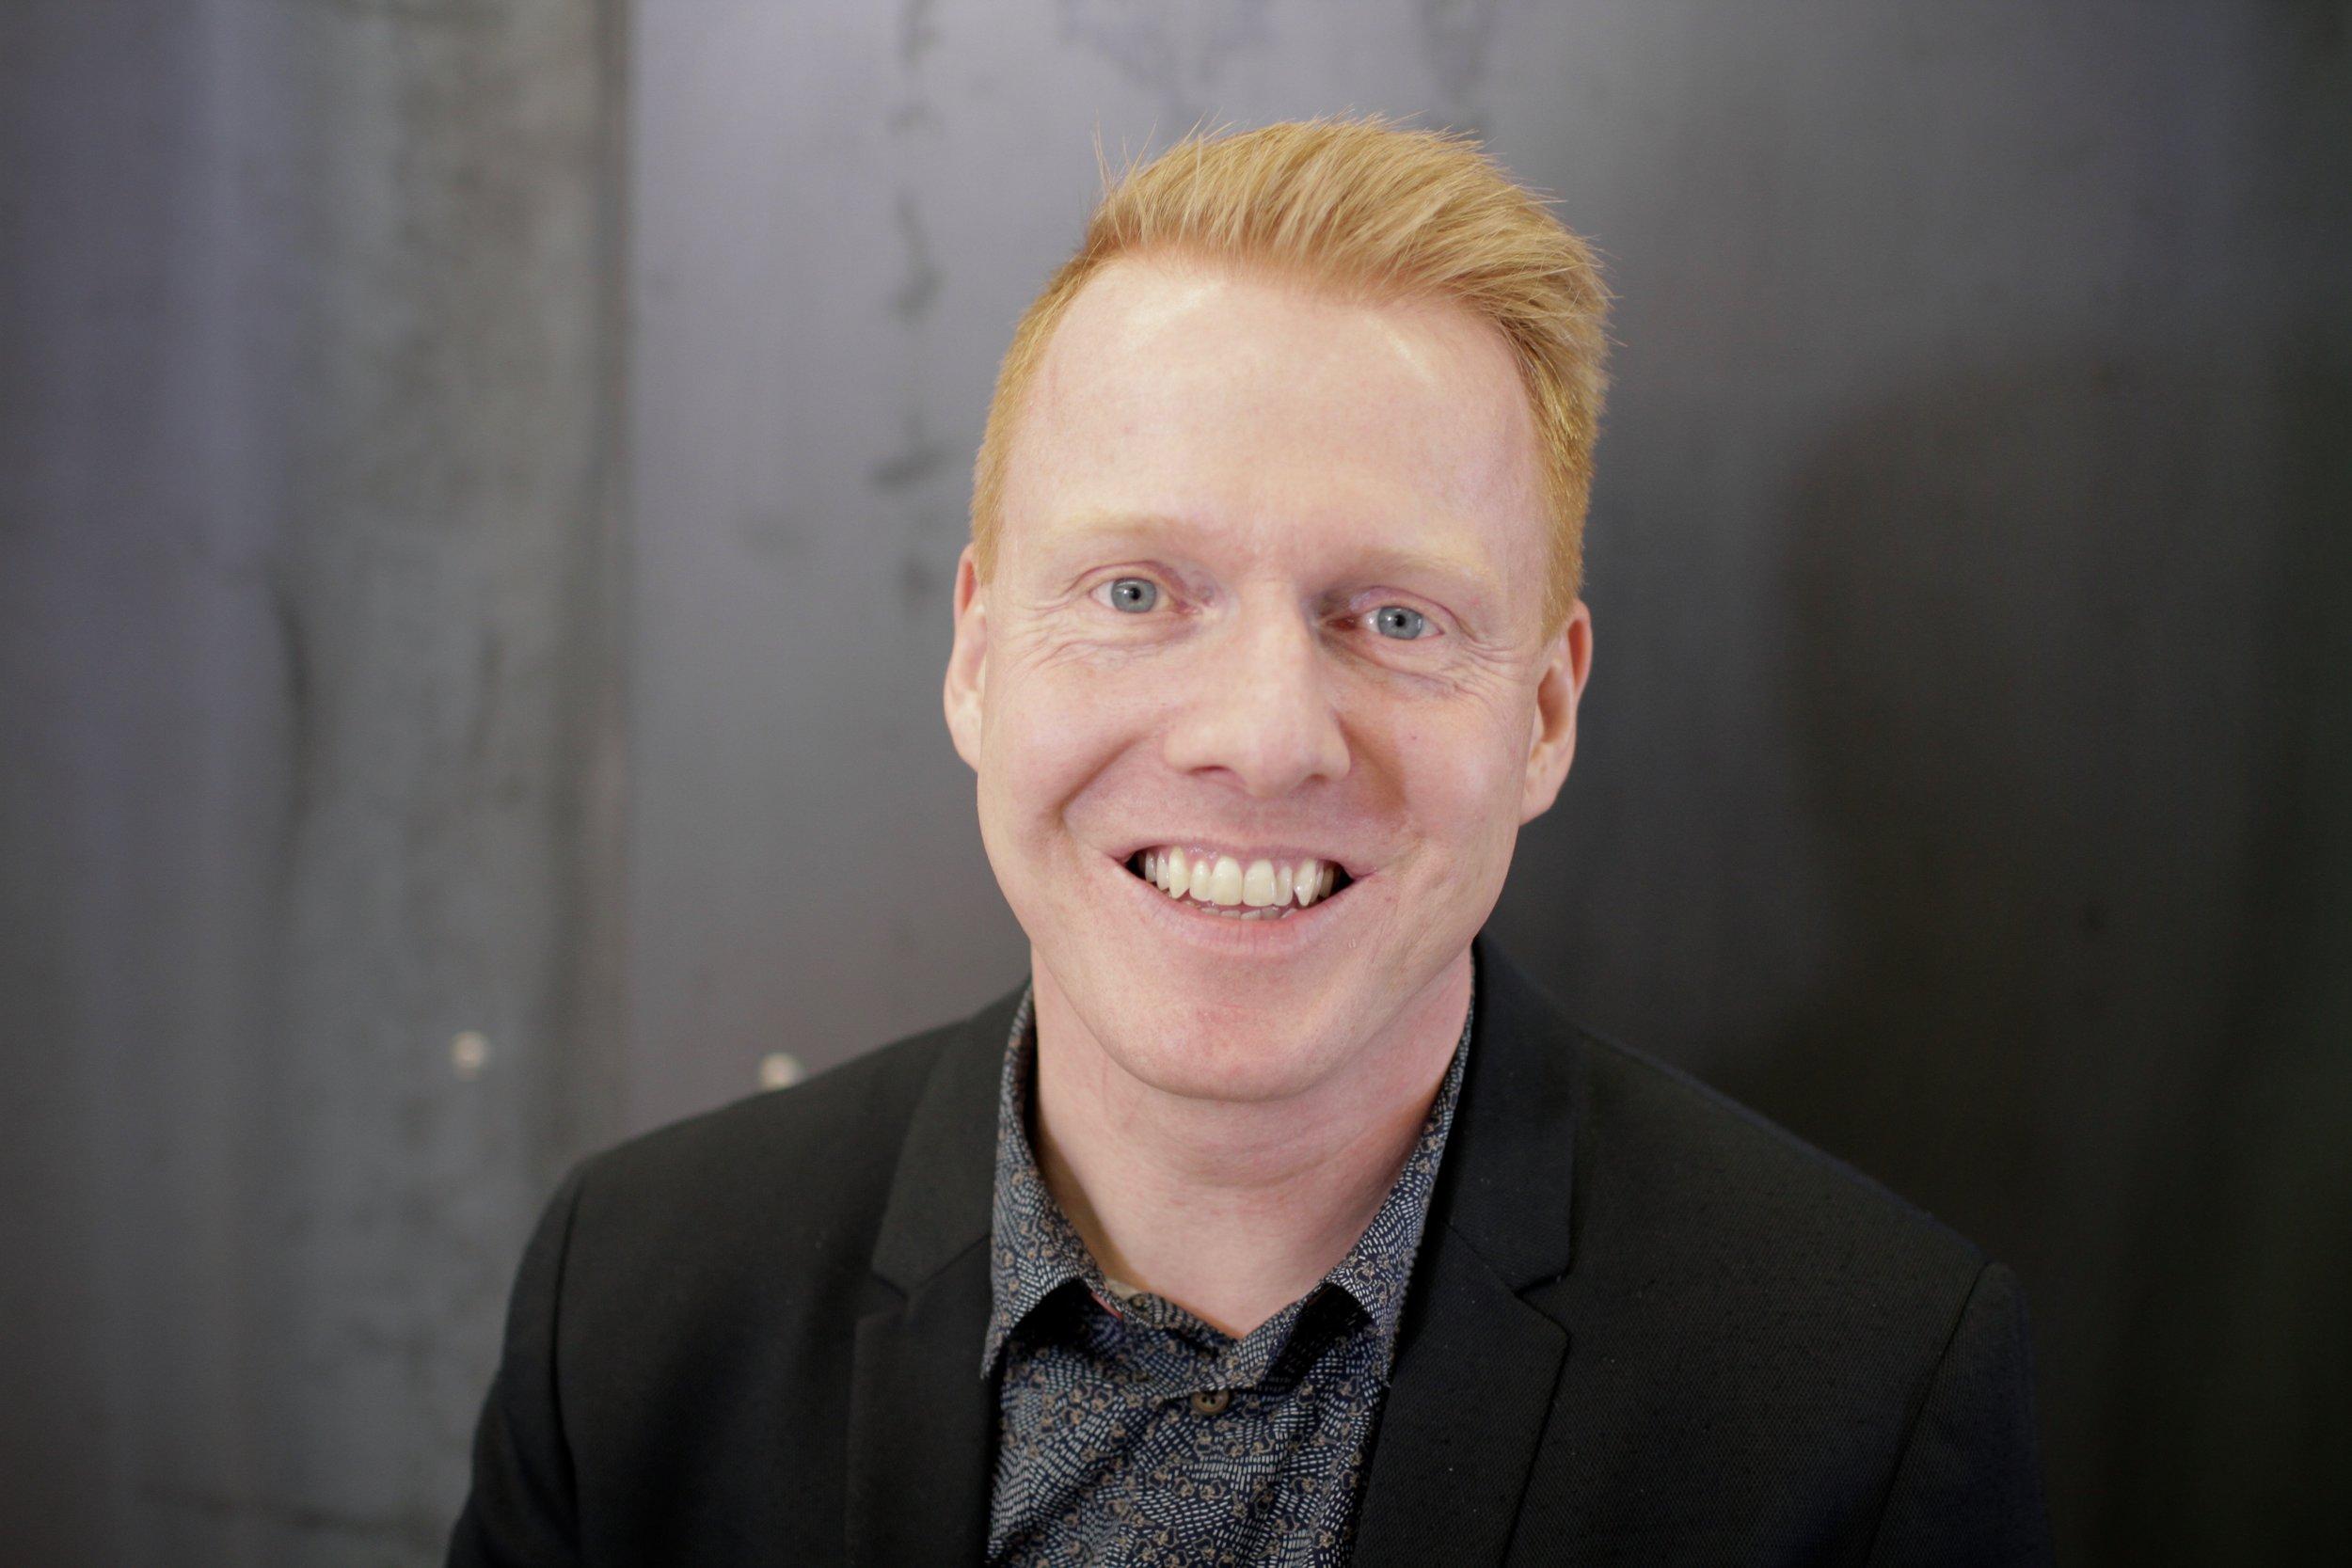 Morten Andersen - Managing Director, Hearken Europe